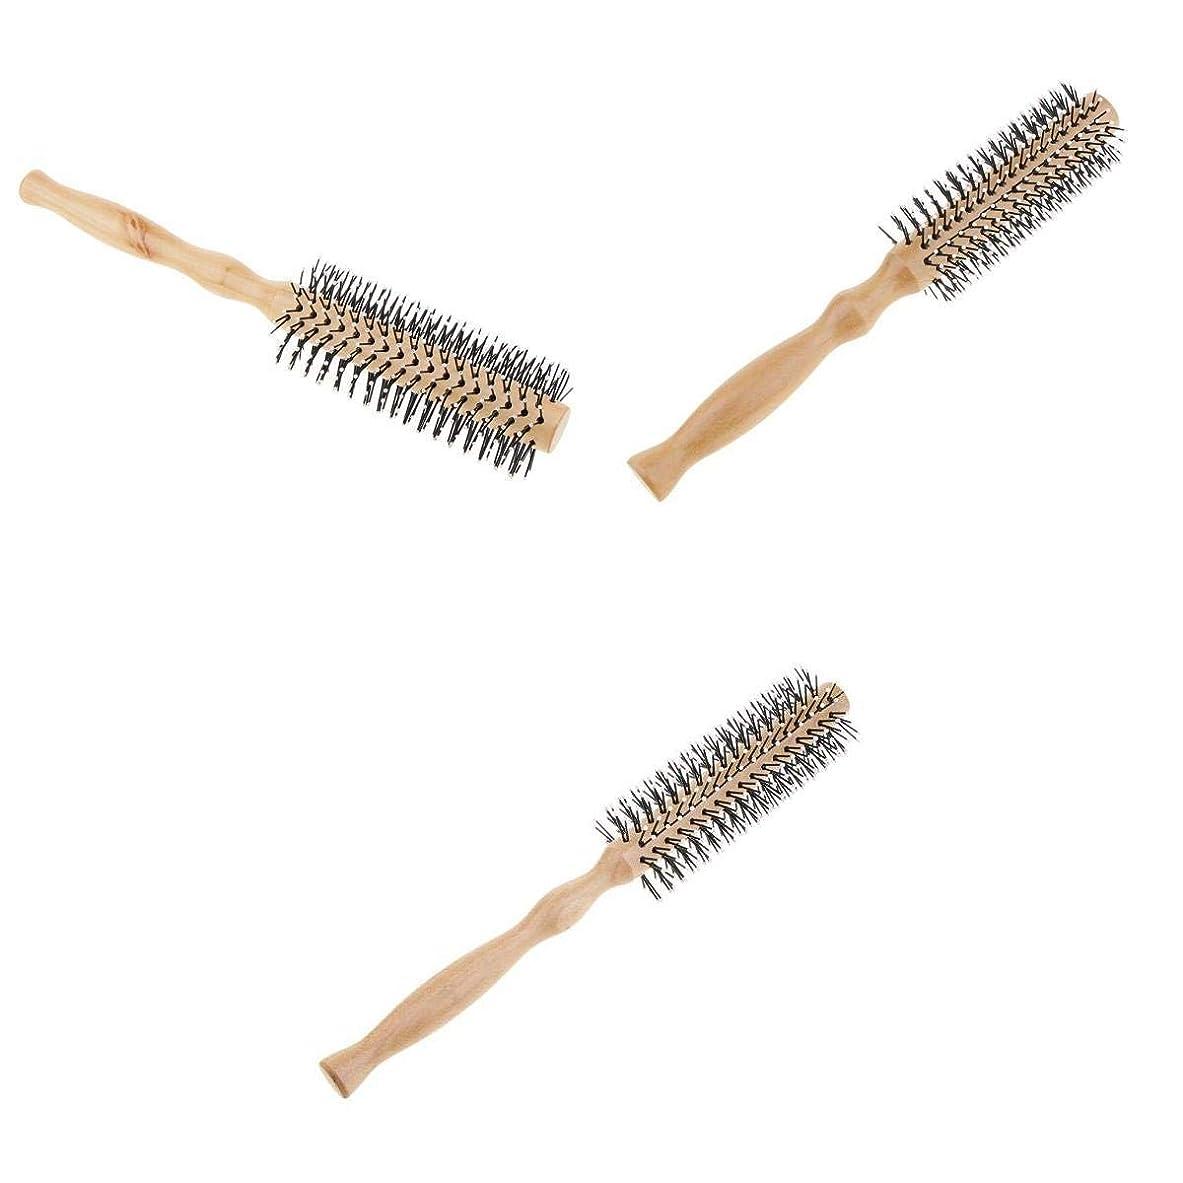 趣味快適させるT TOOYFUL ロールブラシ ヘアブラシ 木製櫛 スタイリングブラシ 巻き髪 静電気防止 3本セット